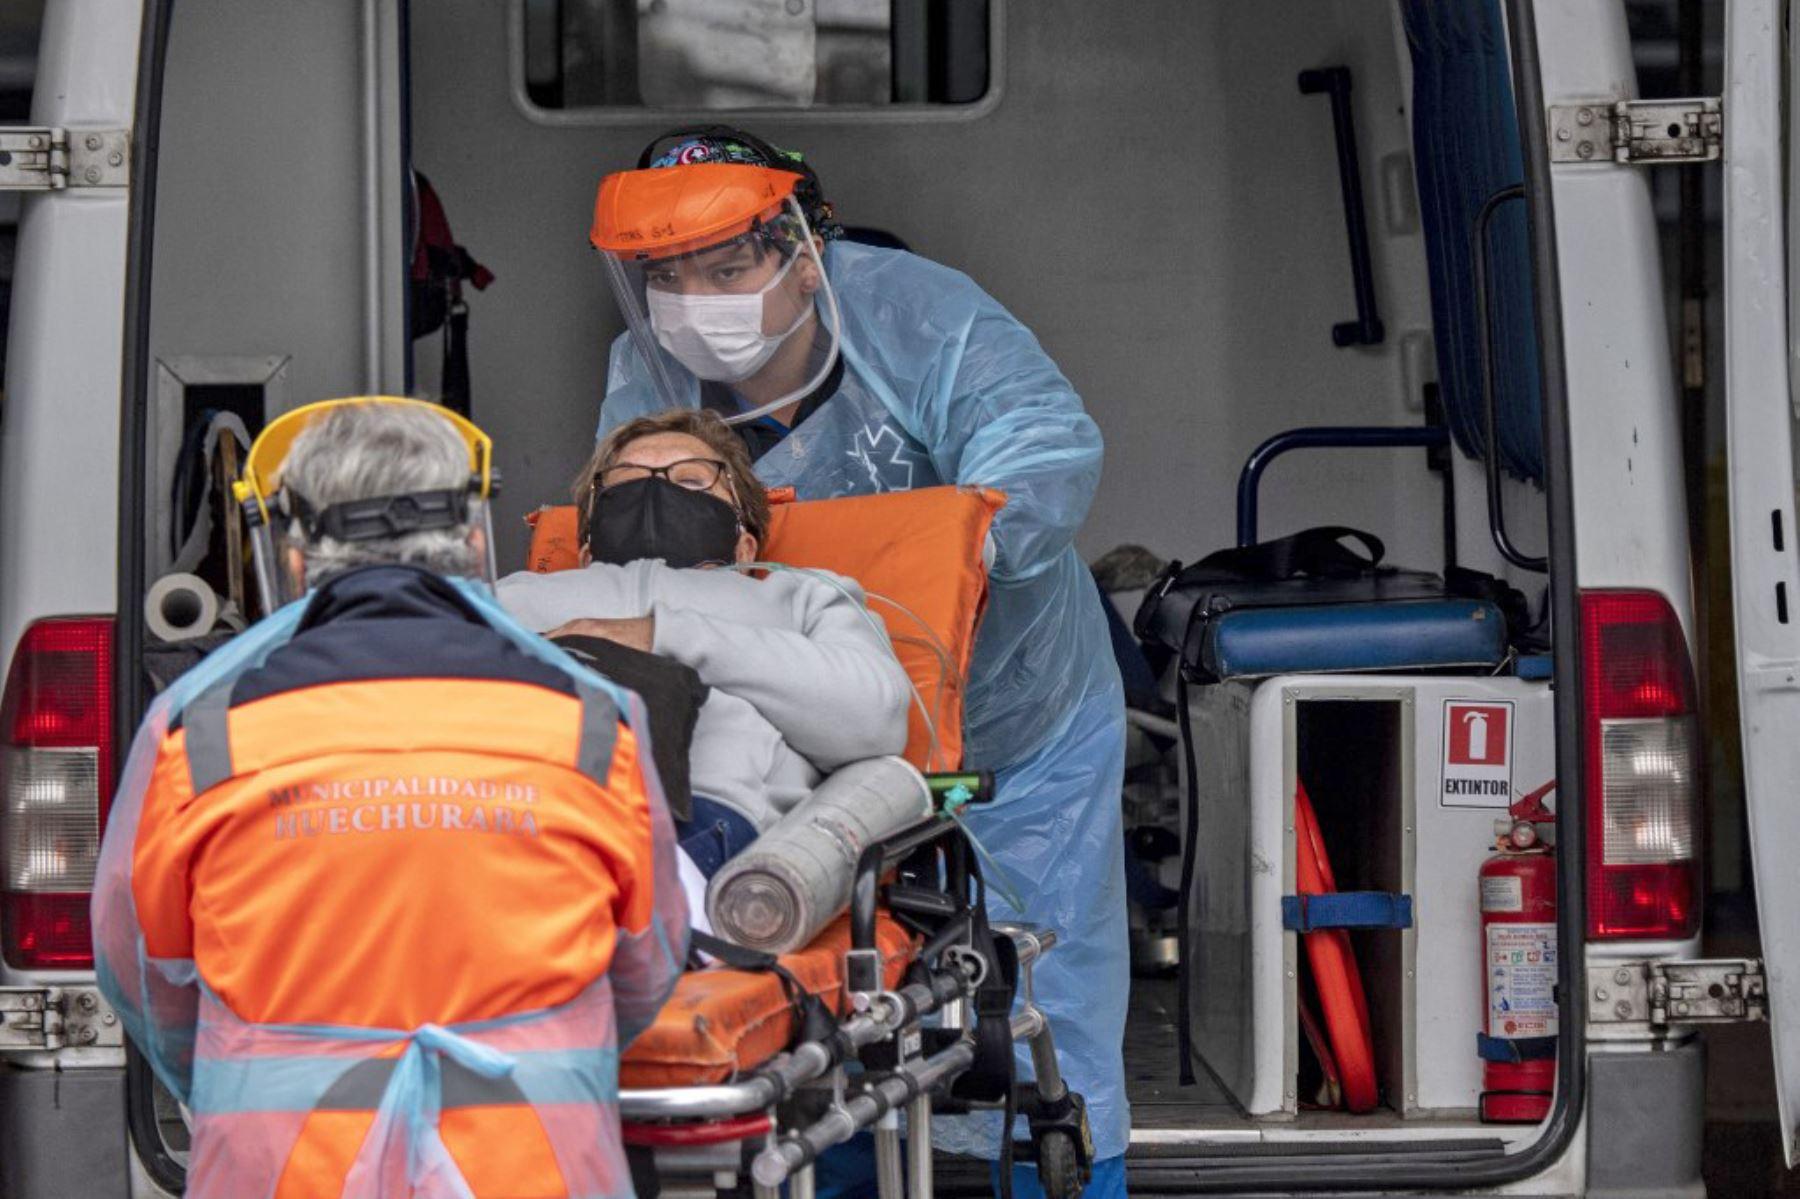 Los trabajadores de la salud llevan a un paciente con síntomas del nuevo coronavirus hacia el hospital, en Santiago de Chile. Foto: AFP